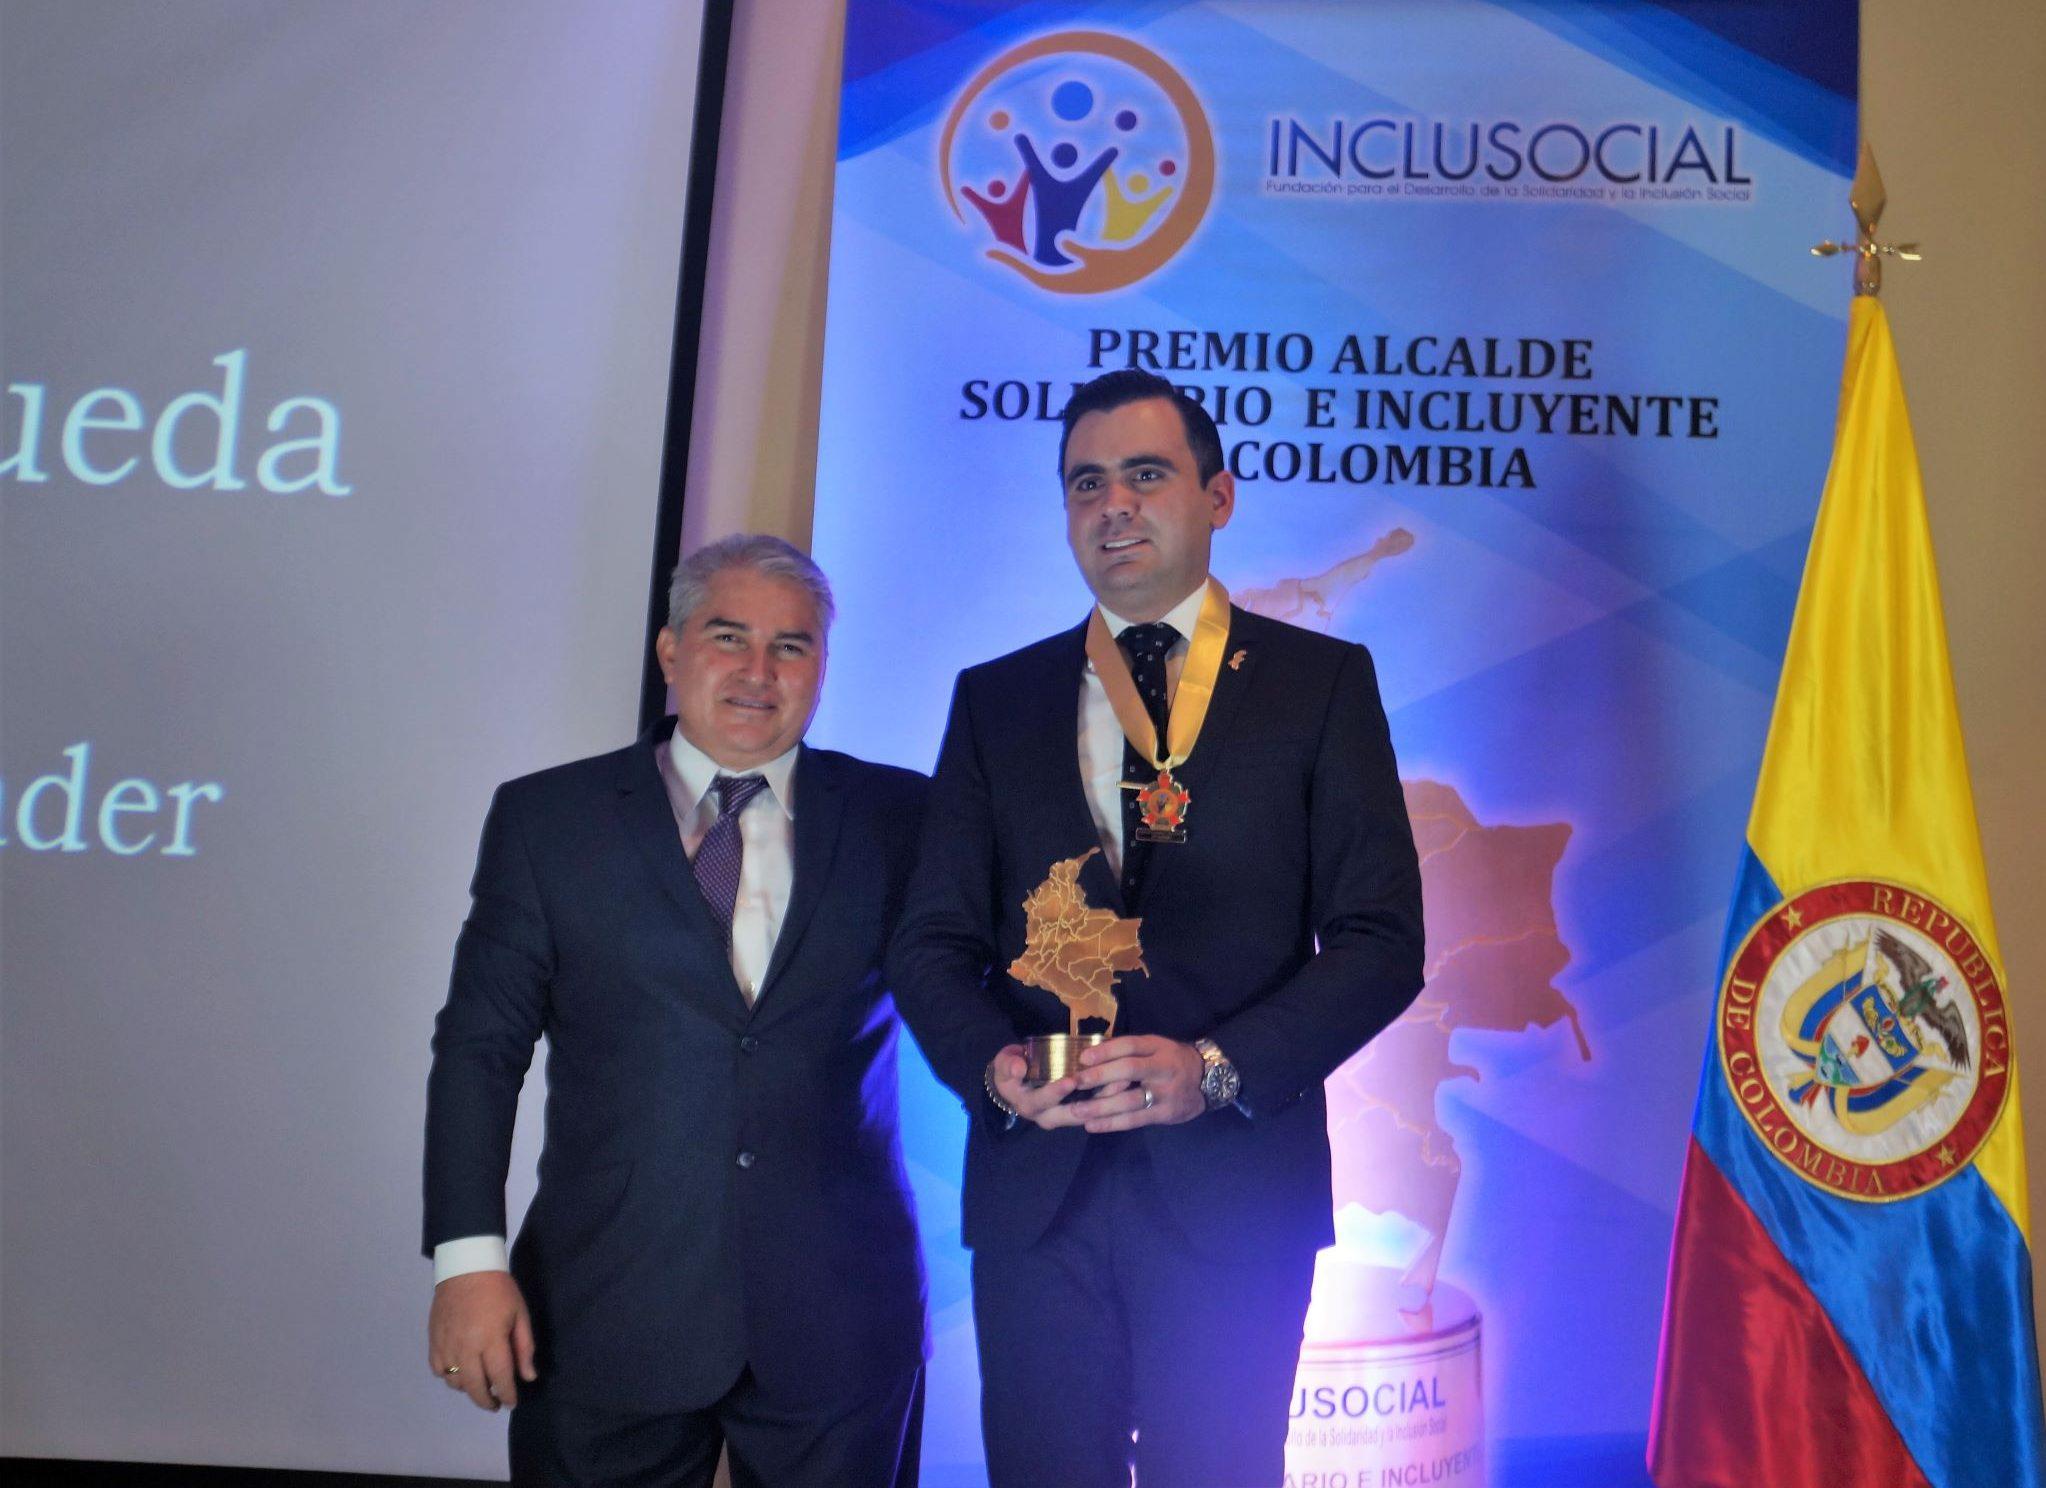 """Héctor Mantilla Rueda recibió el premio """"Alcalde Solidario e Incluyente de Colombia 2019 """""""